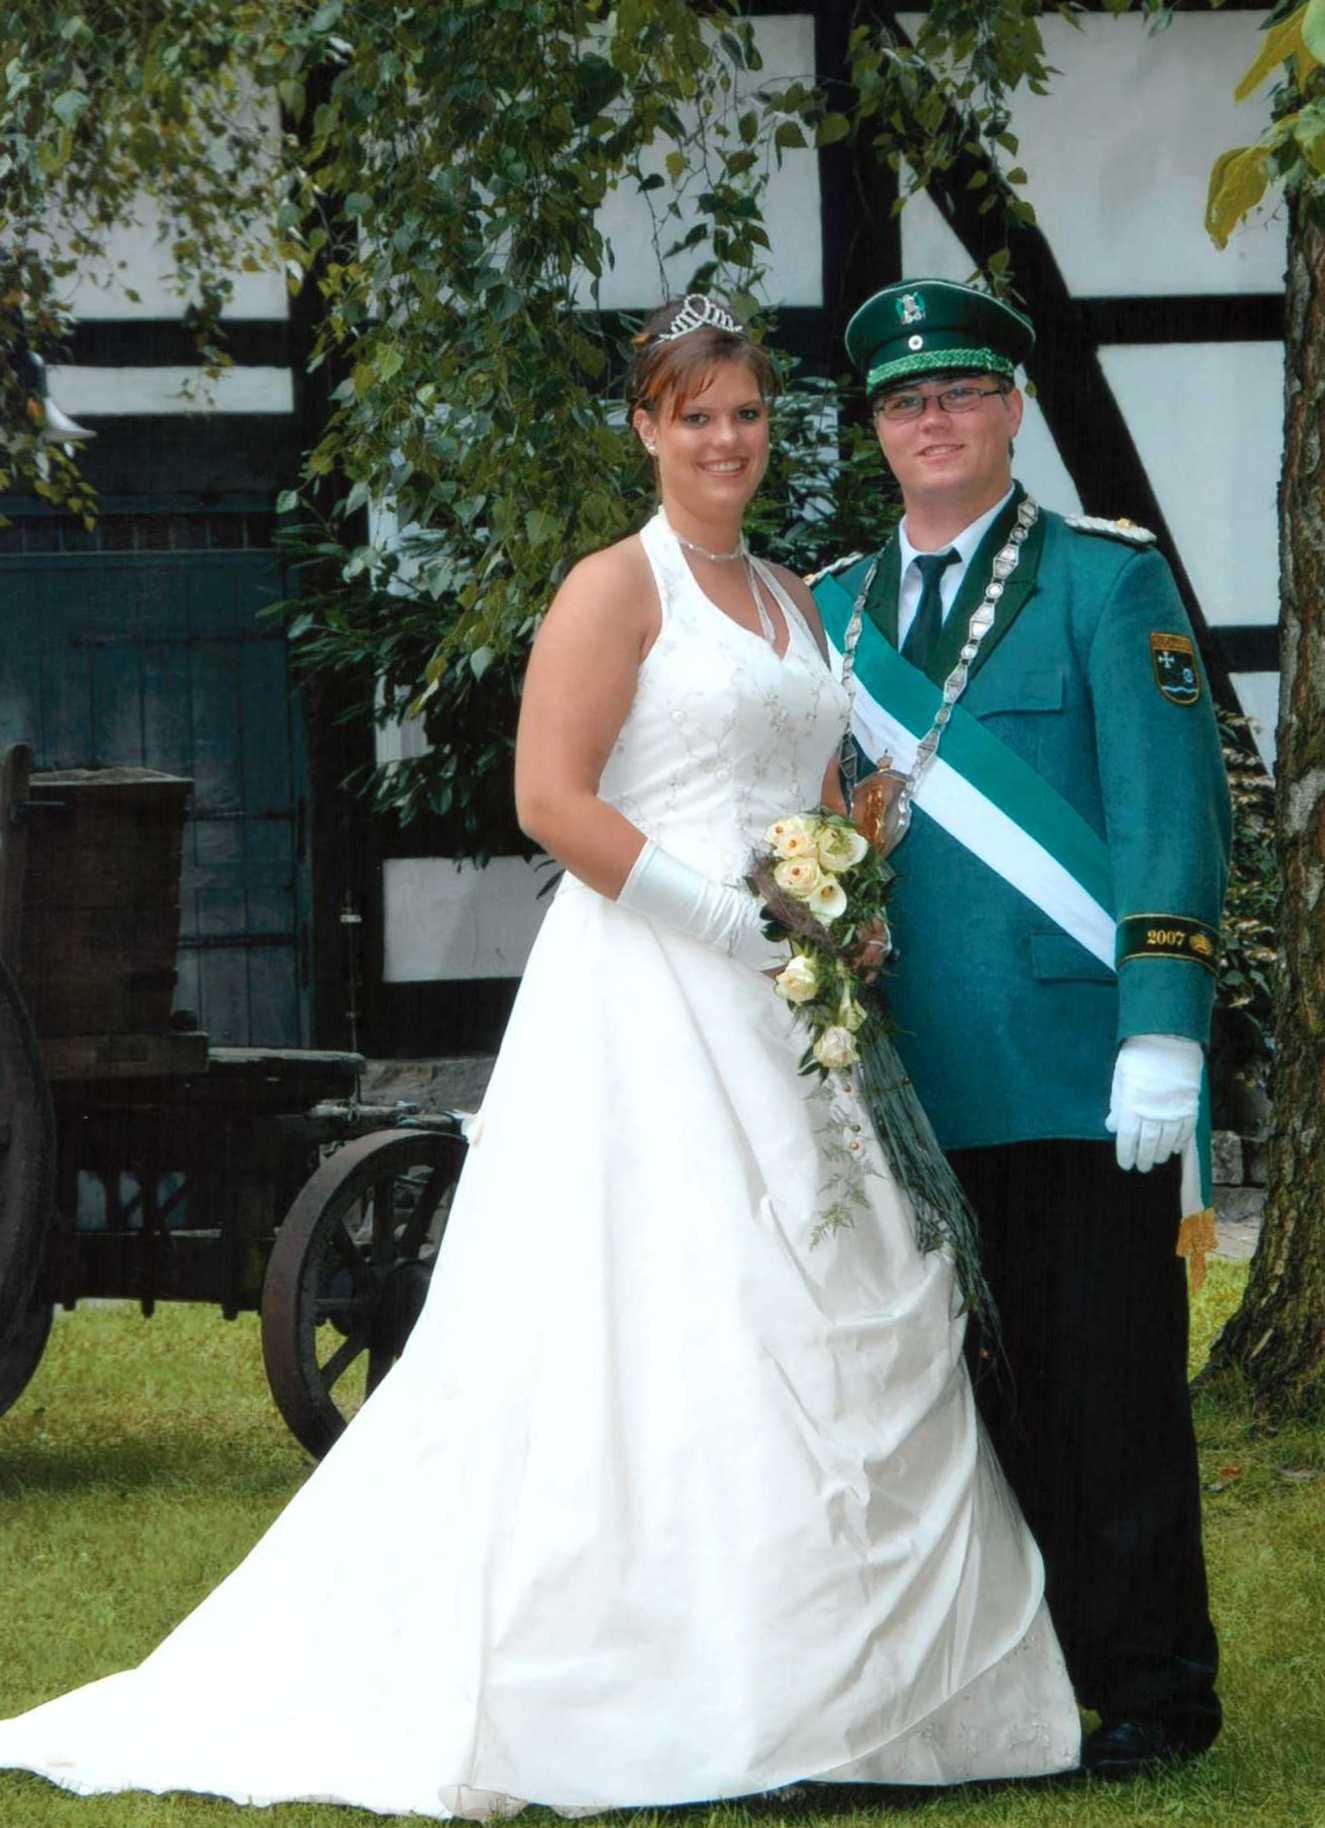 Königspaar 2007 Stefan Hessel und Jennifer Schniedertüns 10 Jahre